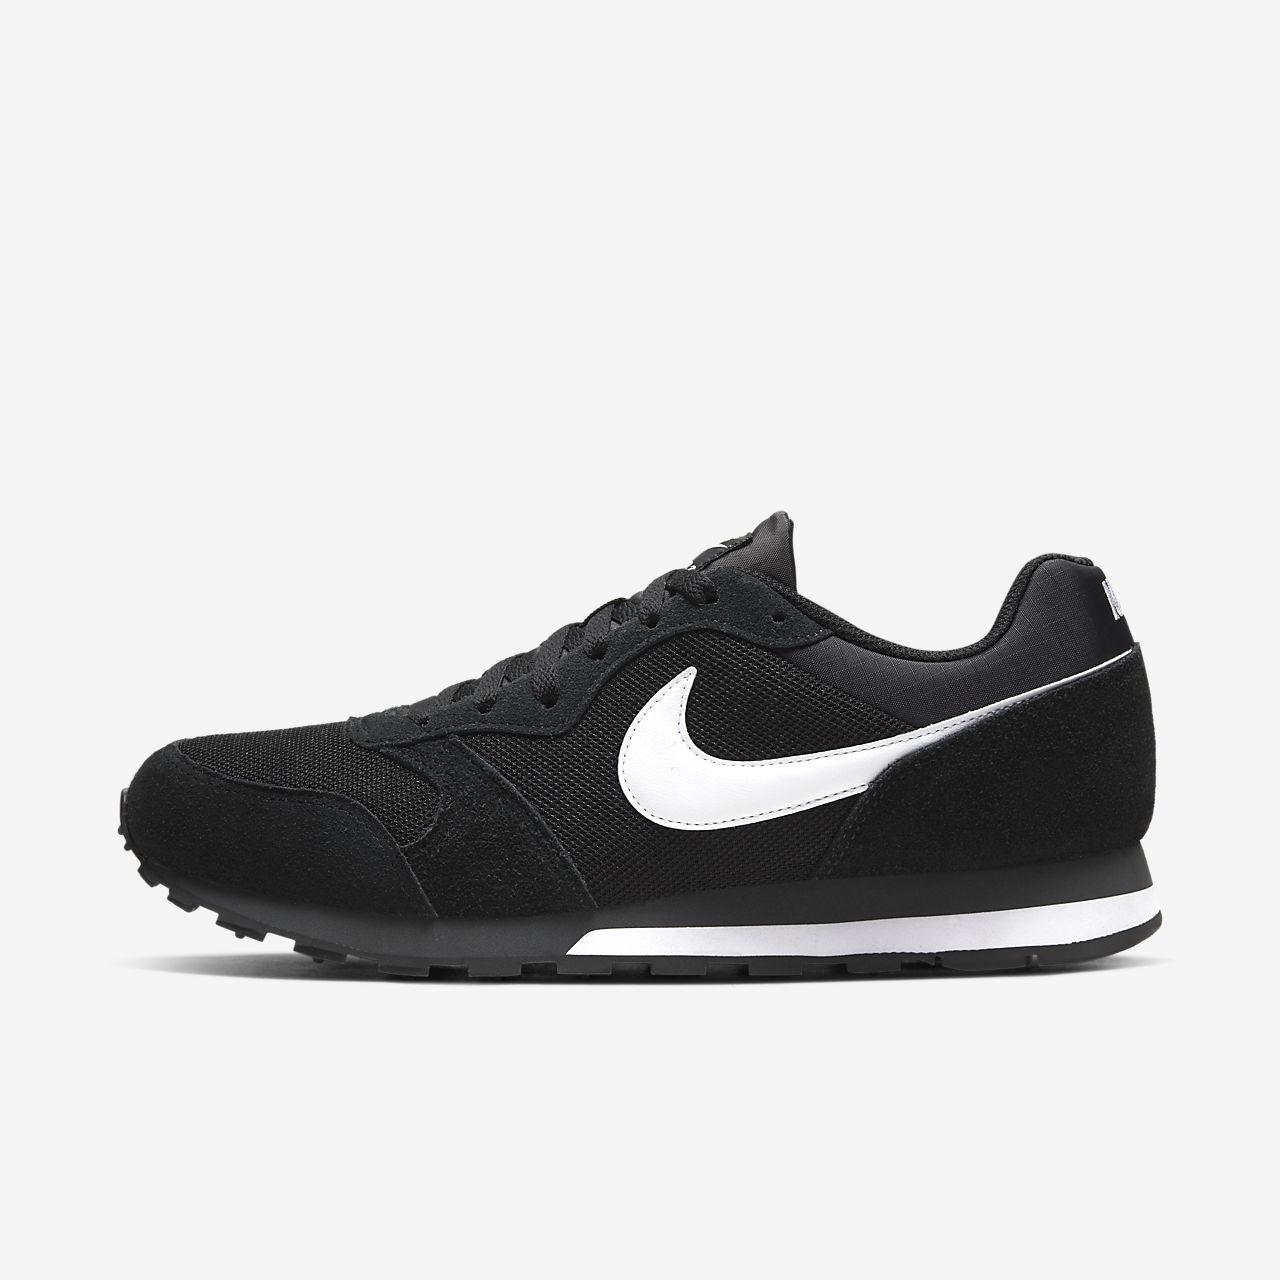 ... Nike MD Runner 2-sko til mænd